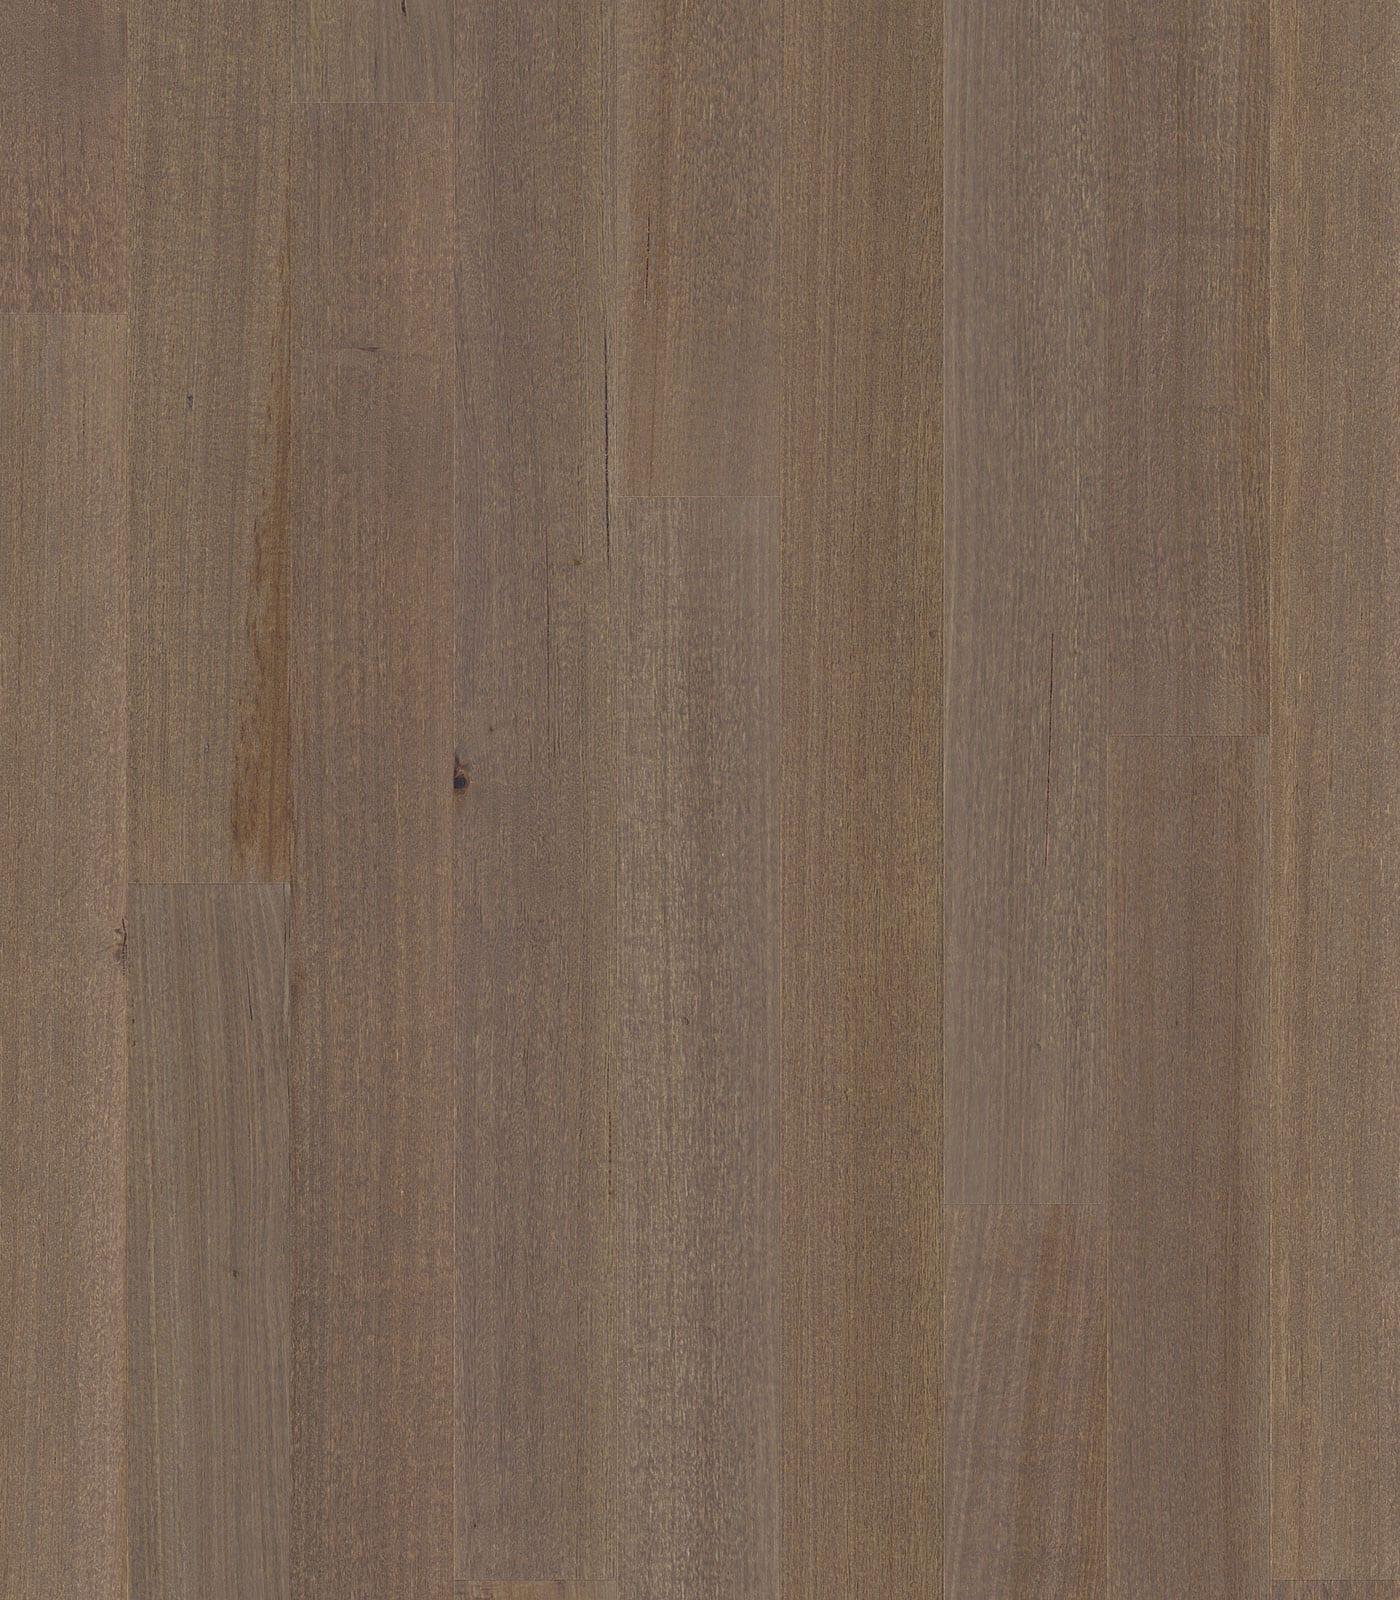 Rockdale-After Oak Collection-Tasmanian Oak floors - flat